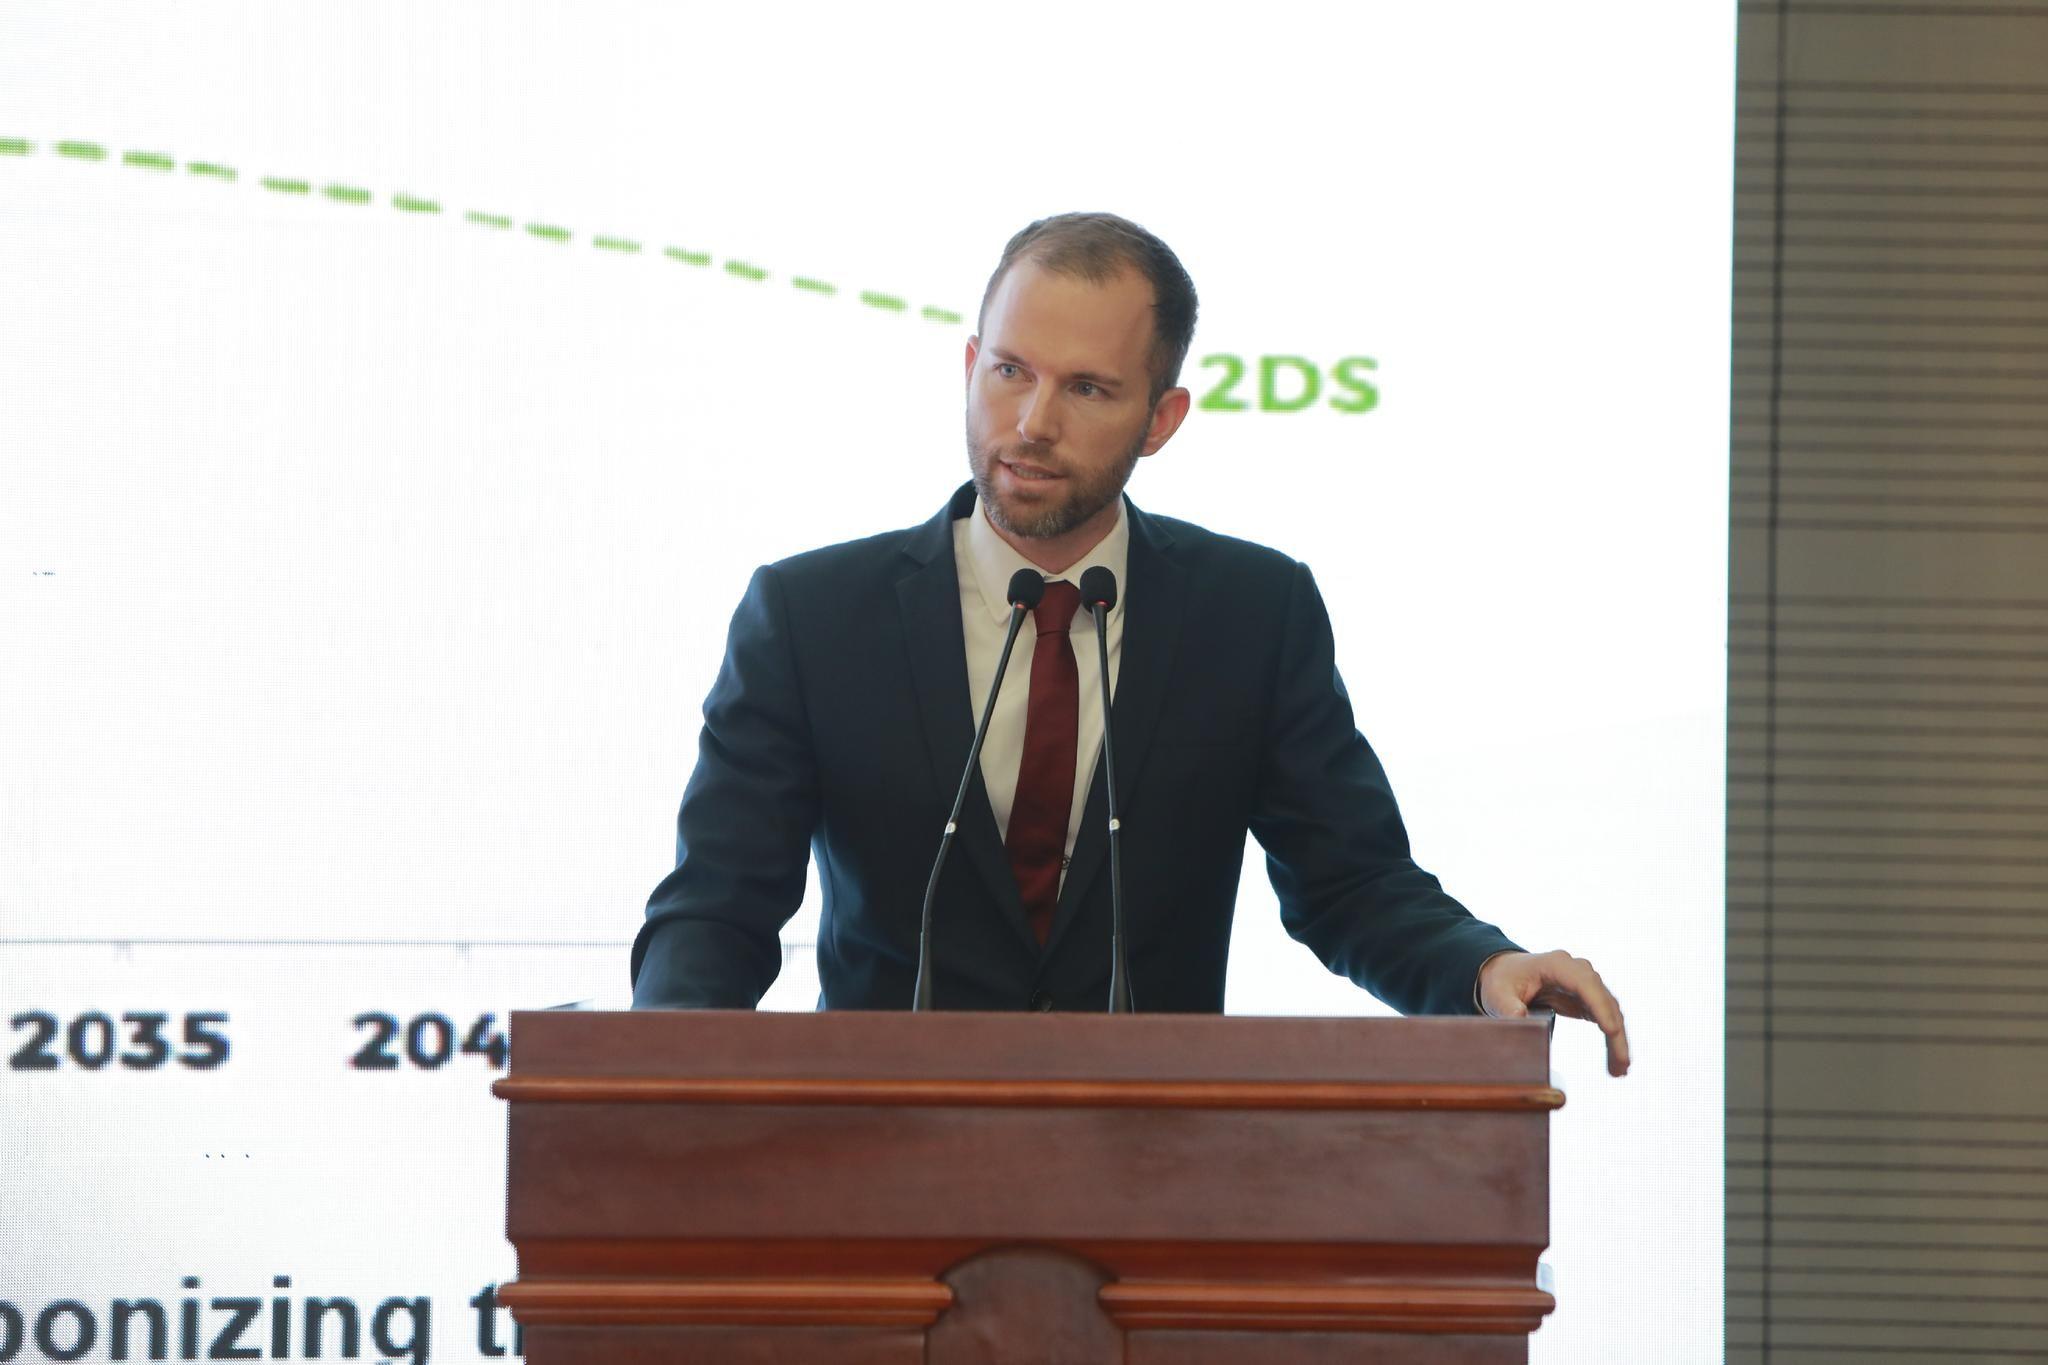 Dr. Christoph Nedopil Wang